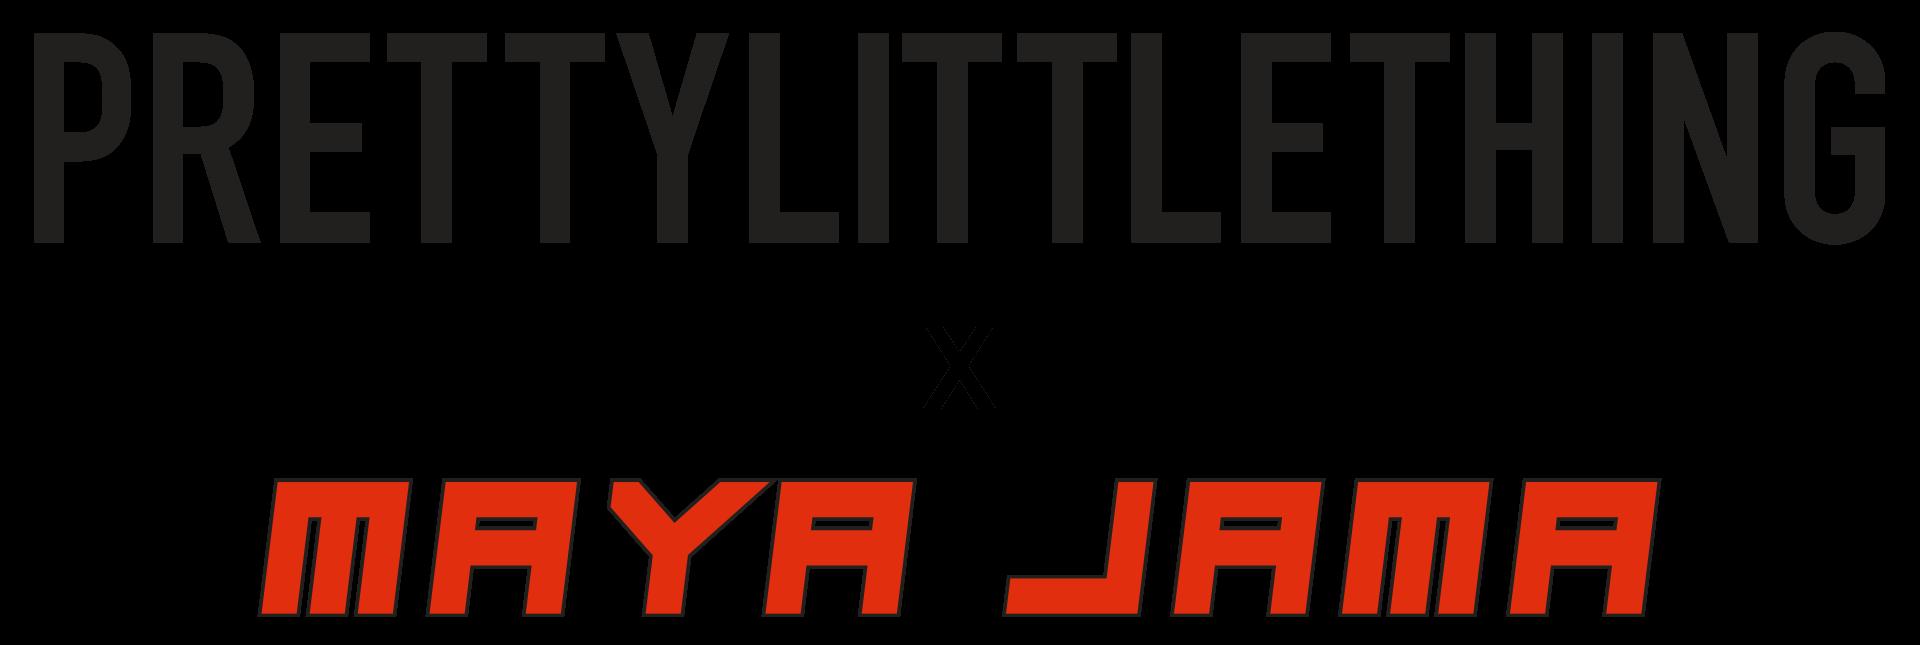 Maya Jama | PrettyLittleThing